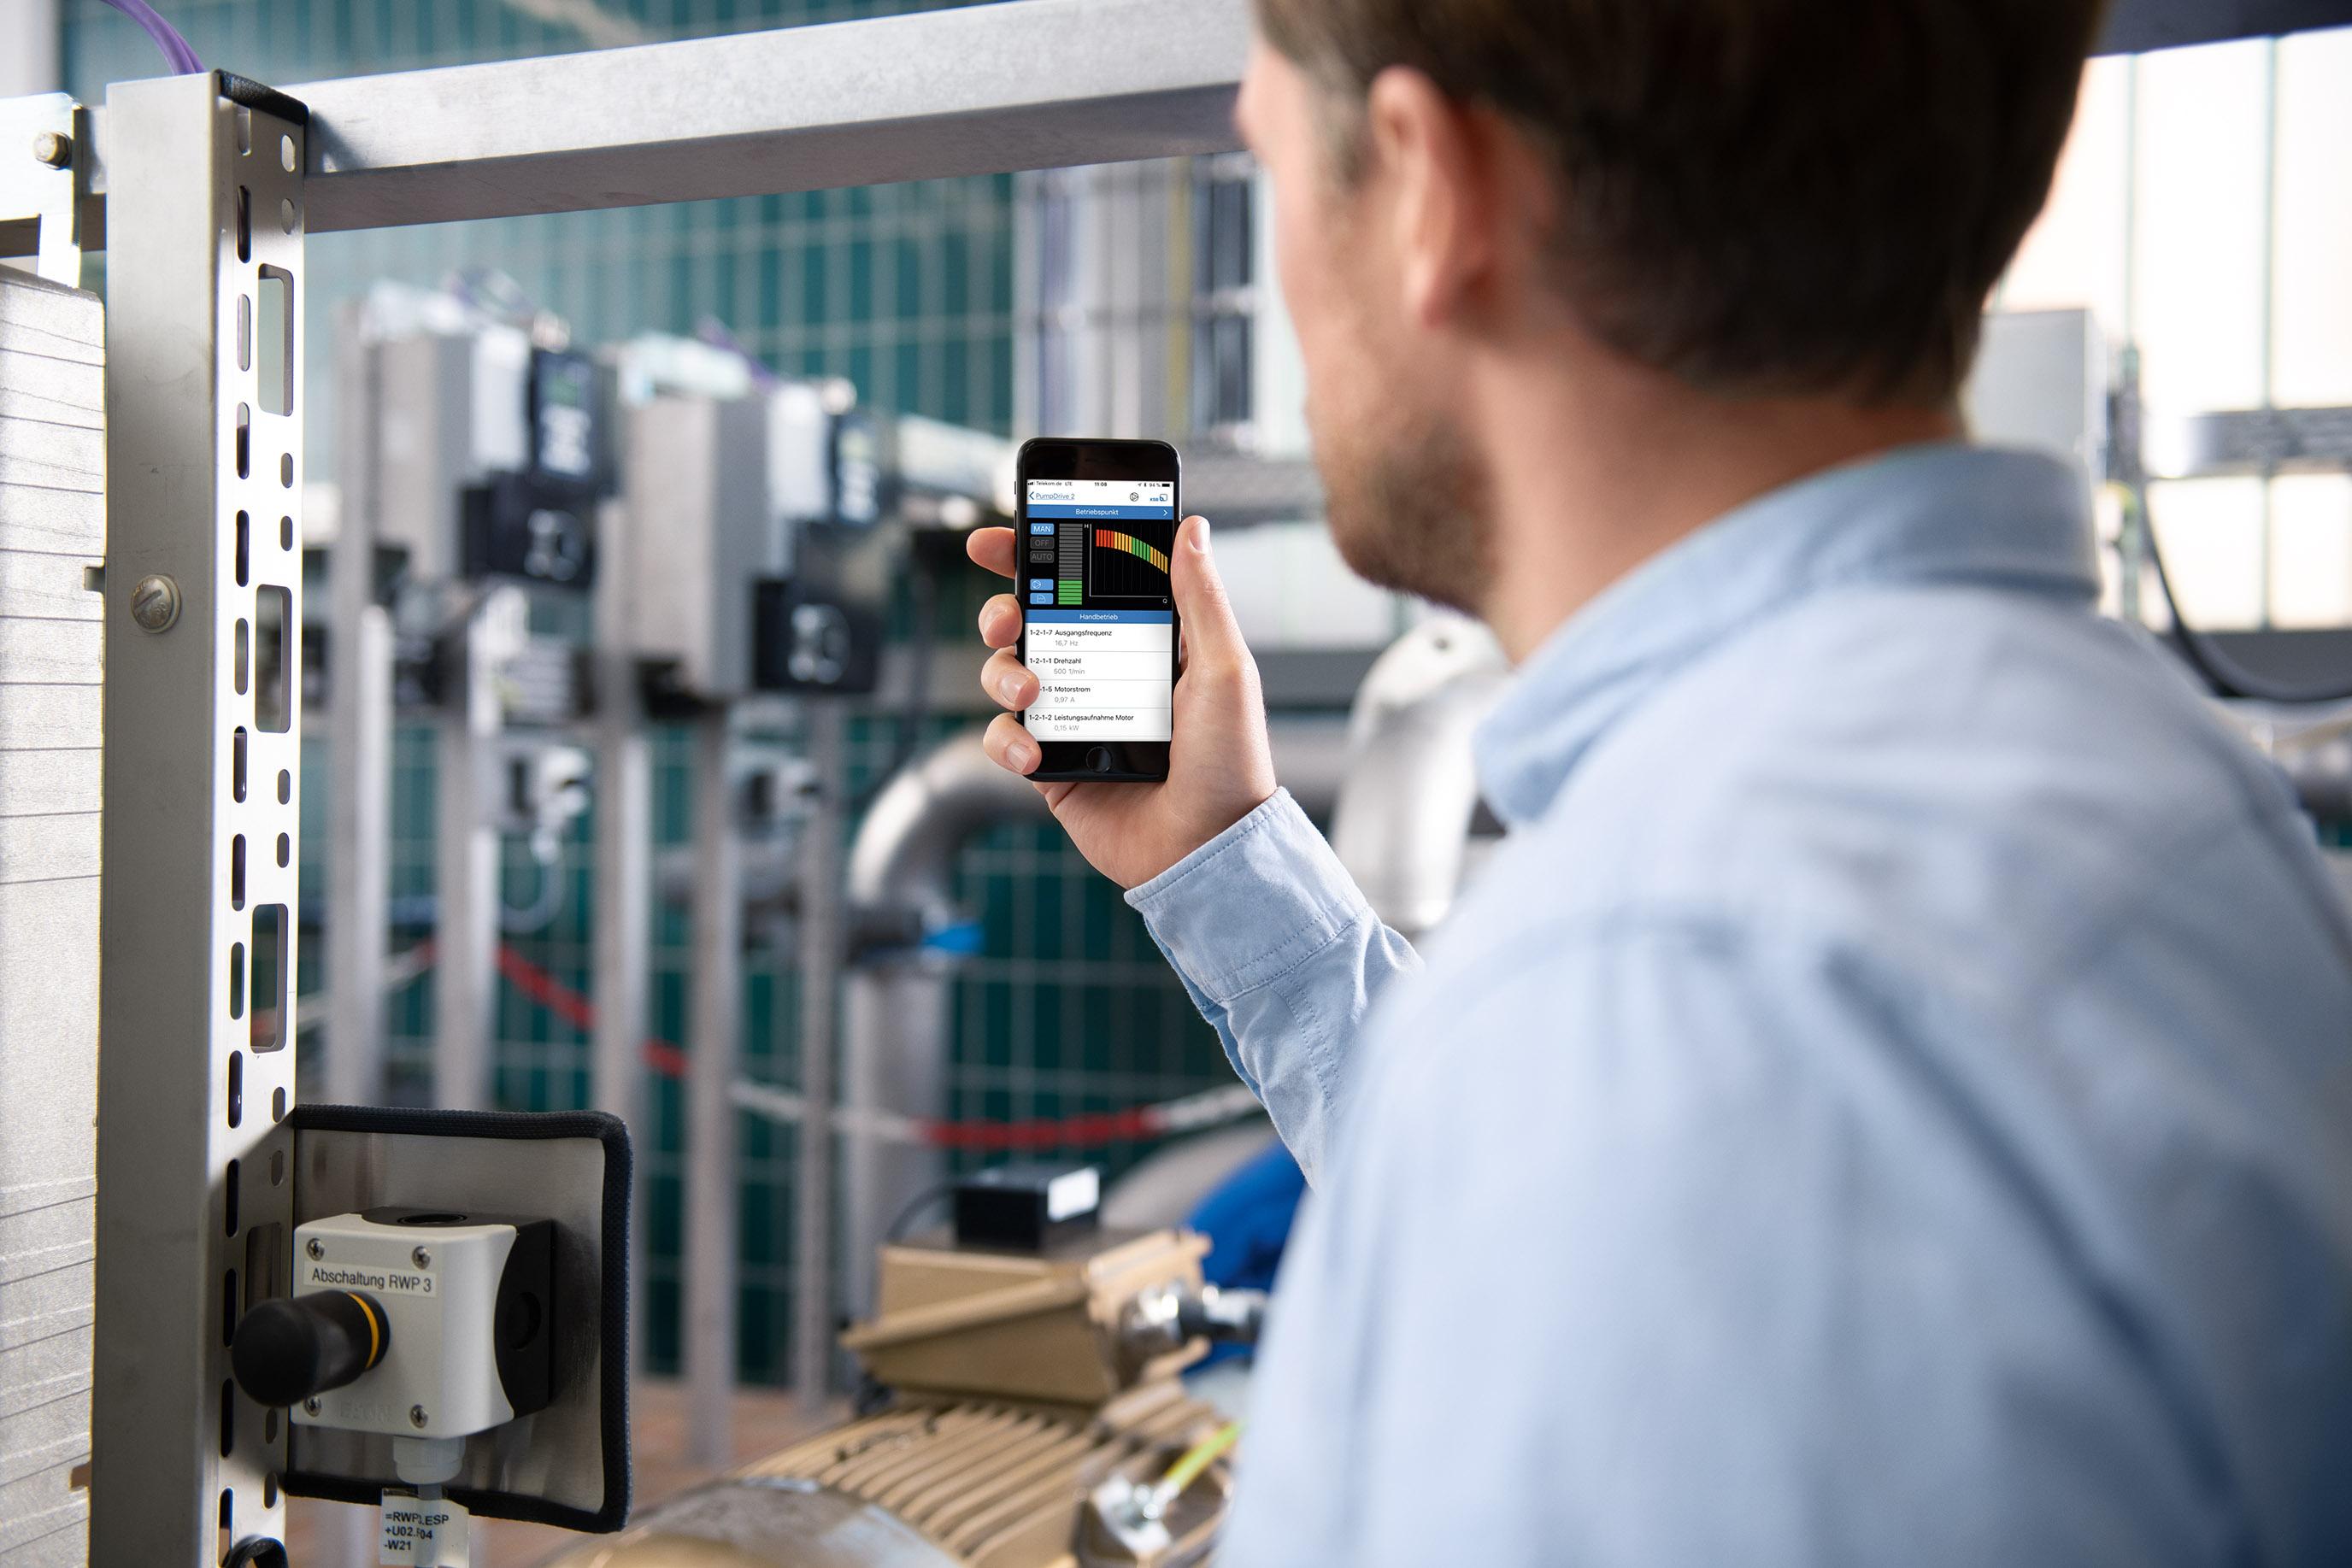 Ein Anlagenbetreiber steht mit seinem Smartphone inmitten seiner Anlage.